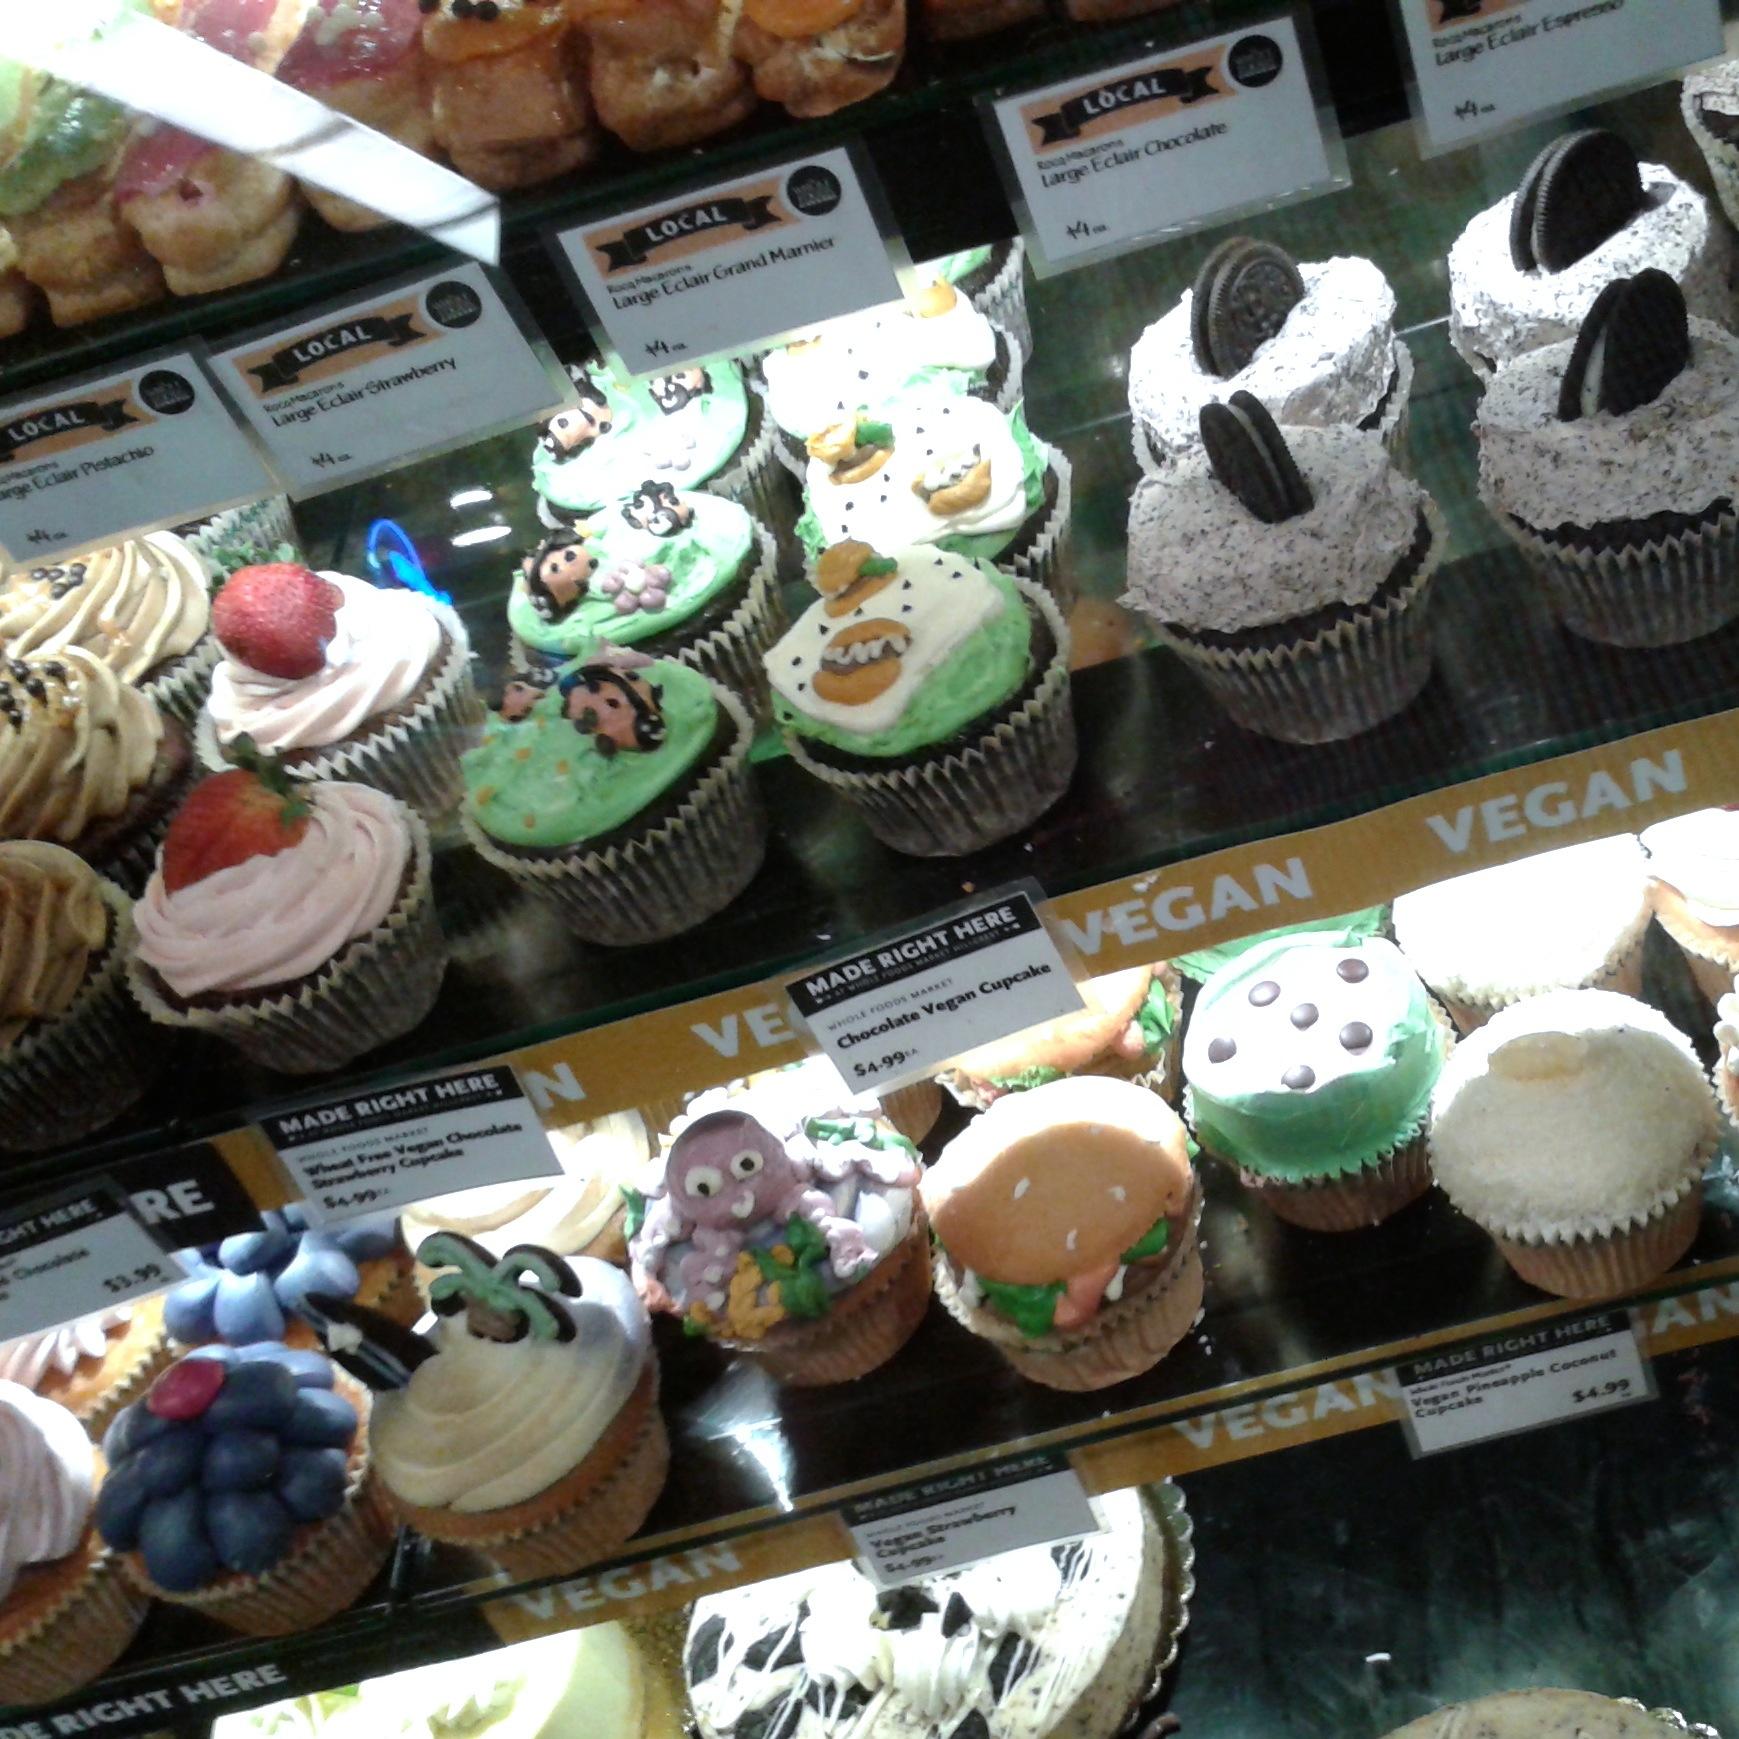 https://i0.wp.com/fatgayvegan.com/wp-content/uploads/2014/05/cupcakes.jpg?fit=1739%2C1739